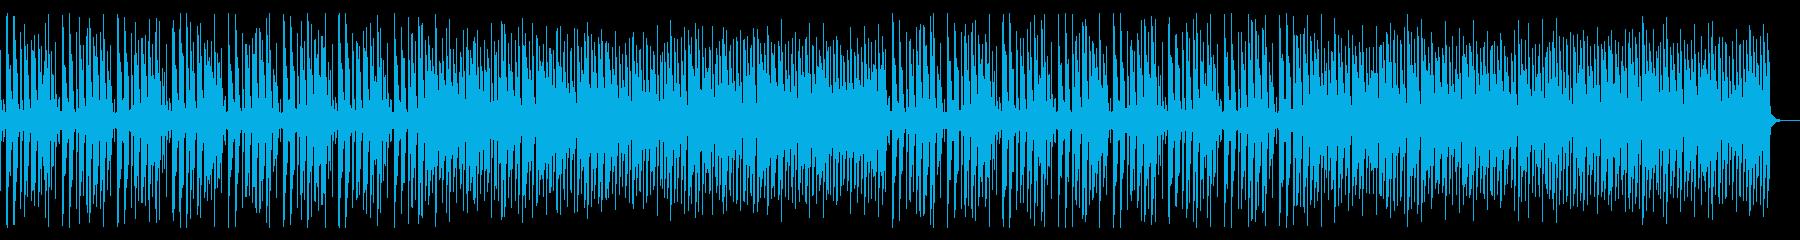 軽快なリズムの8ビット、チップチューン系の再生済みの波形